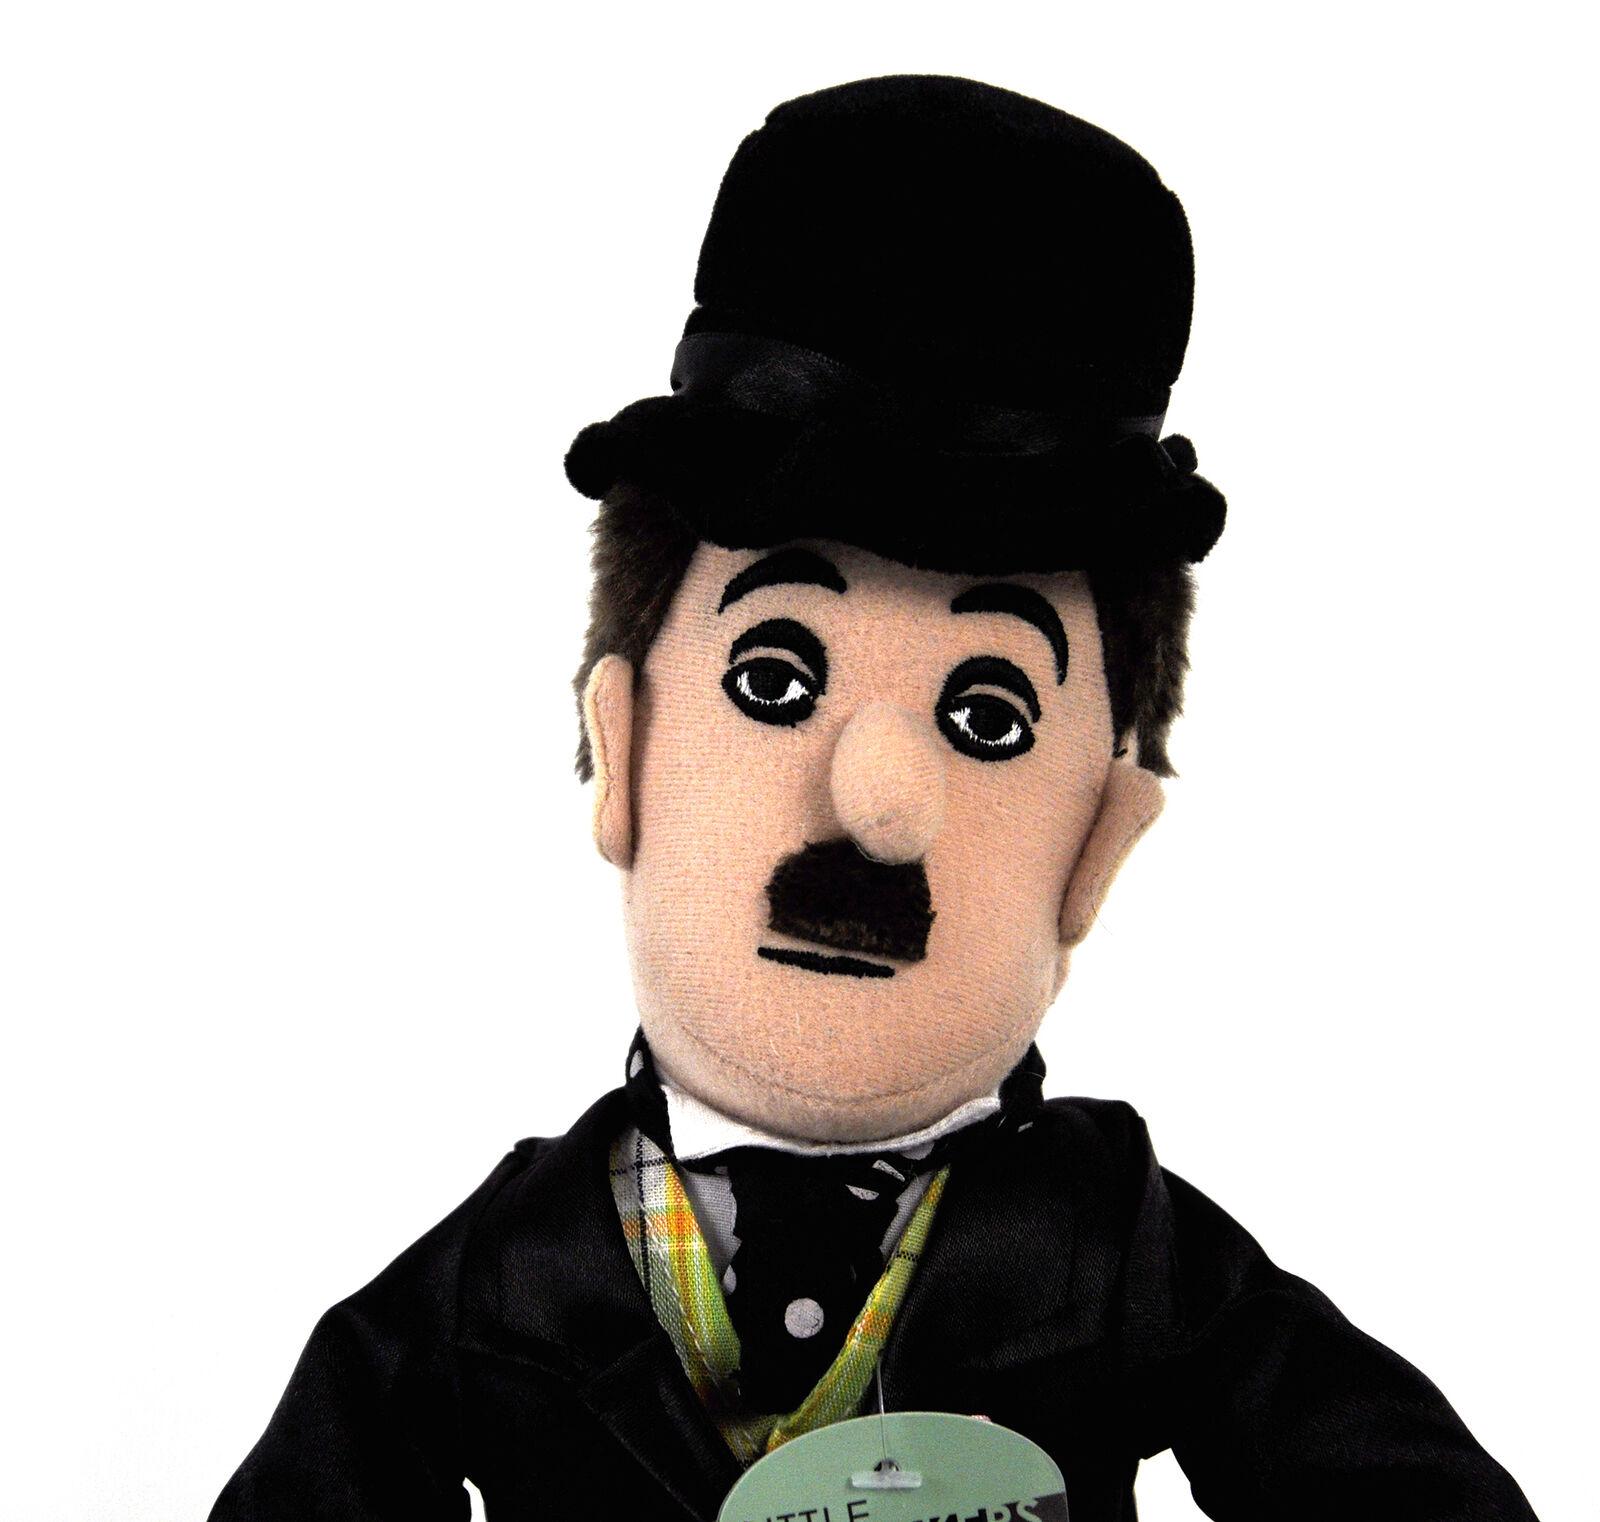 Charlie Chaplin Juguete Peluche - Muñeca Little Thinkers